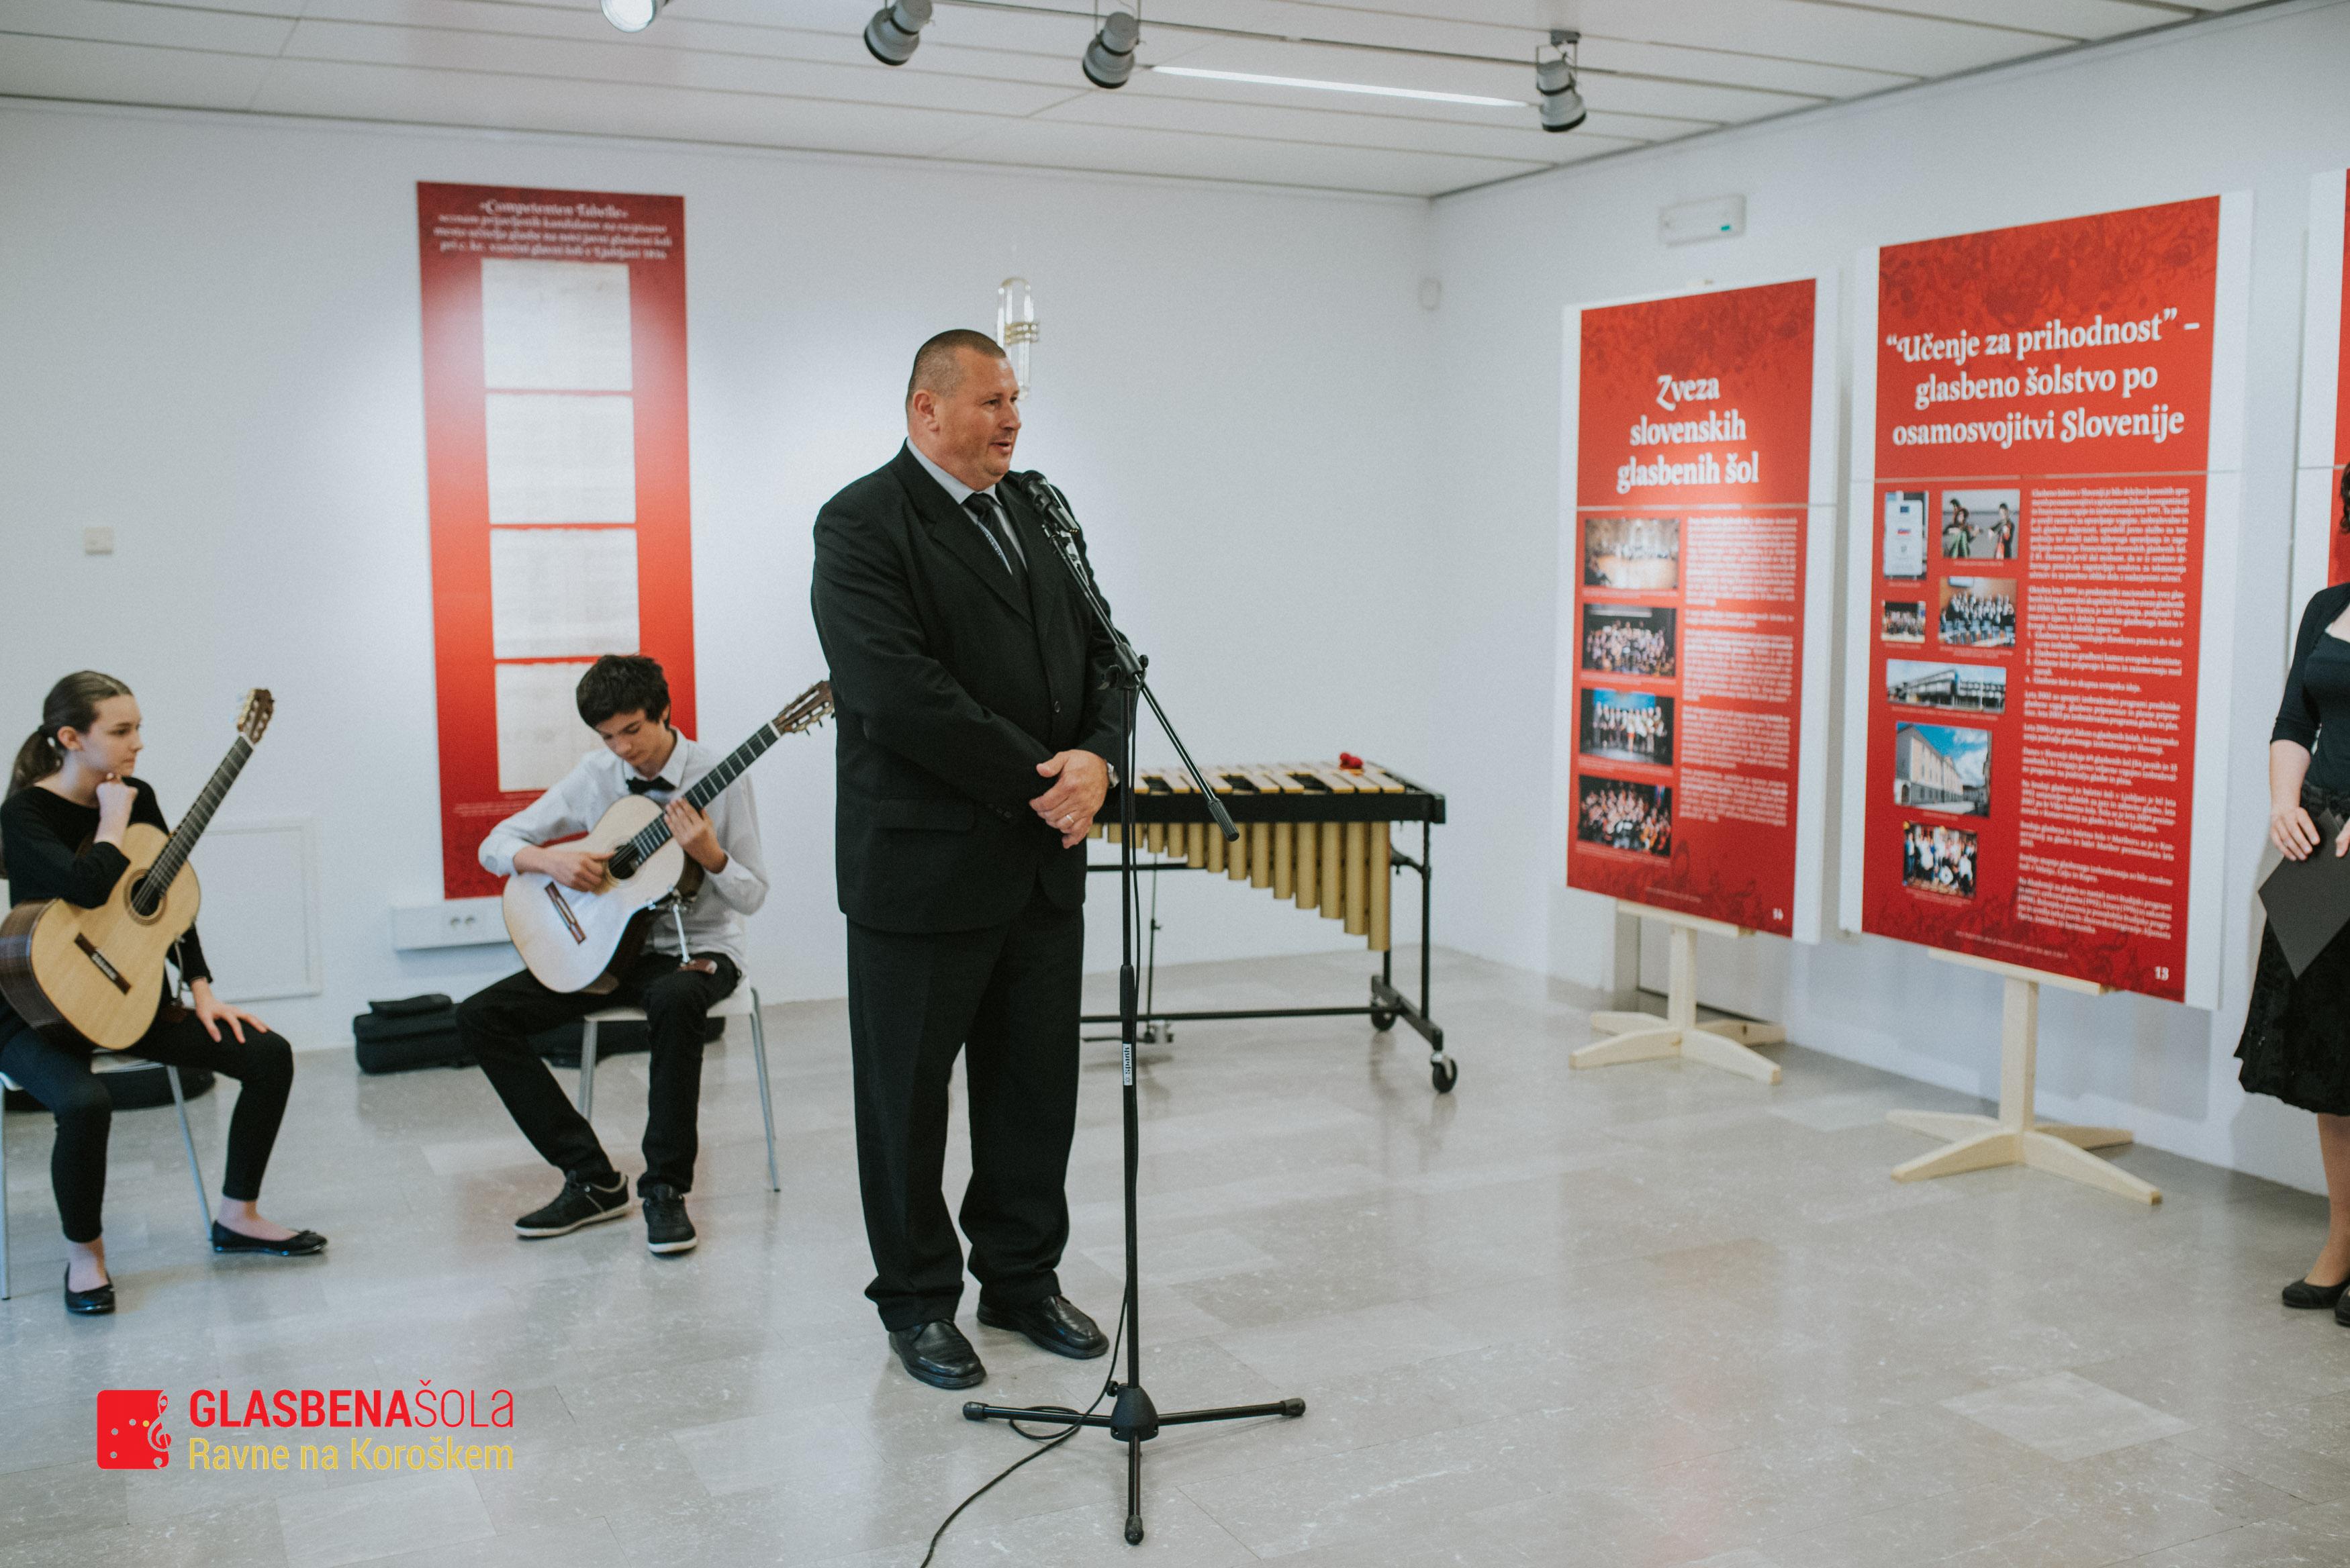 200-let-glasbenega-c5a1olstva-12